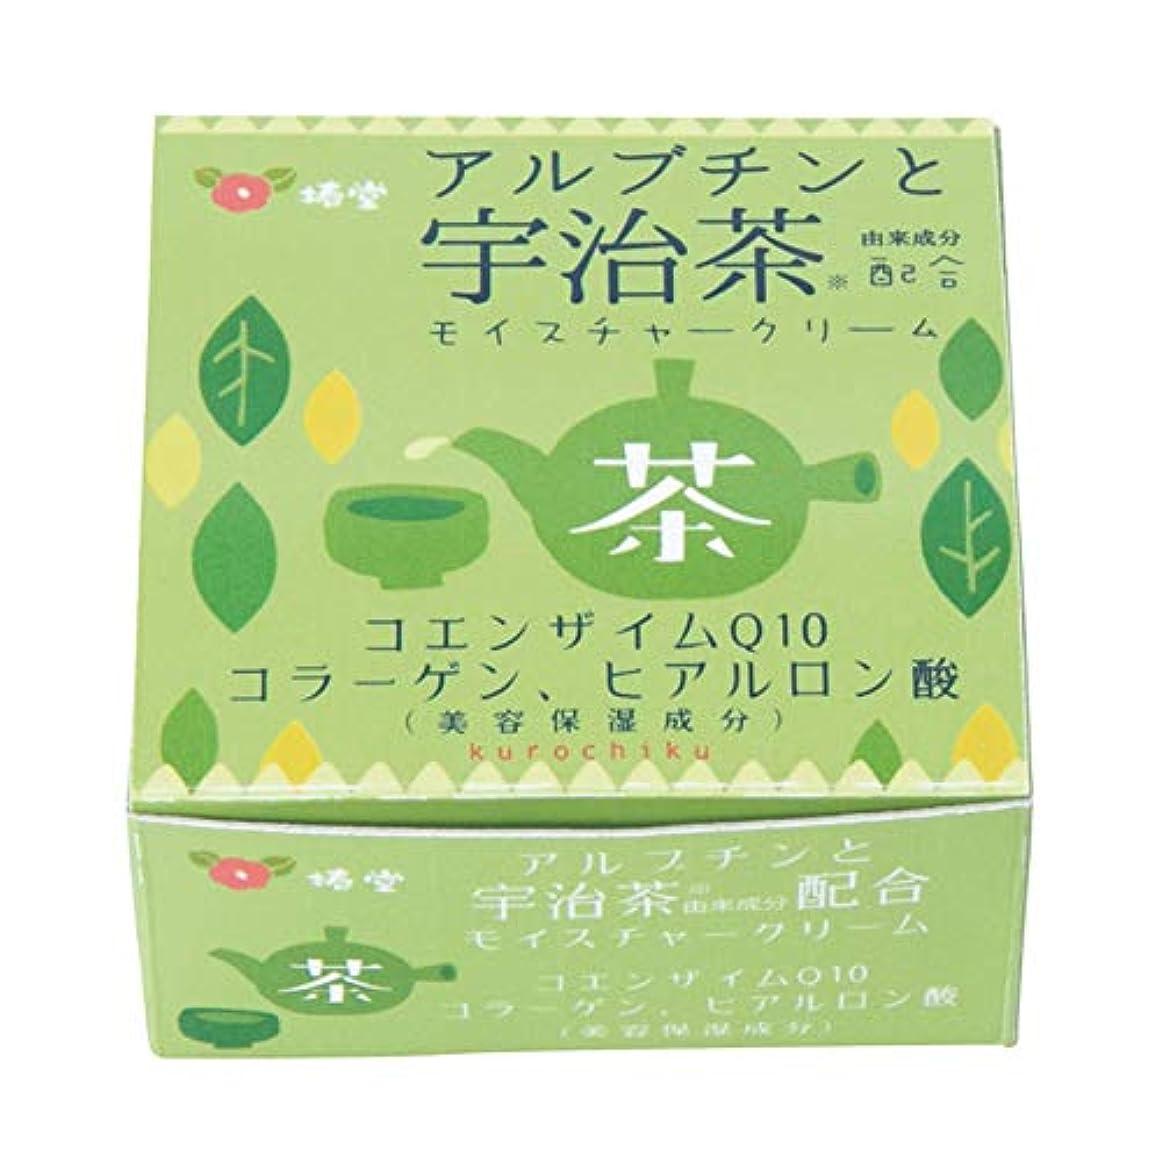 ペッカディロタイトル達成する椿堂 宇治茶モイスチャークリーム (アルブチンと宇治茶) 京都くろちく